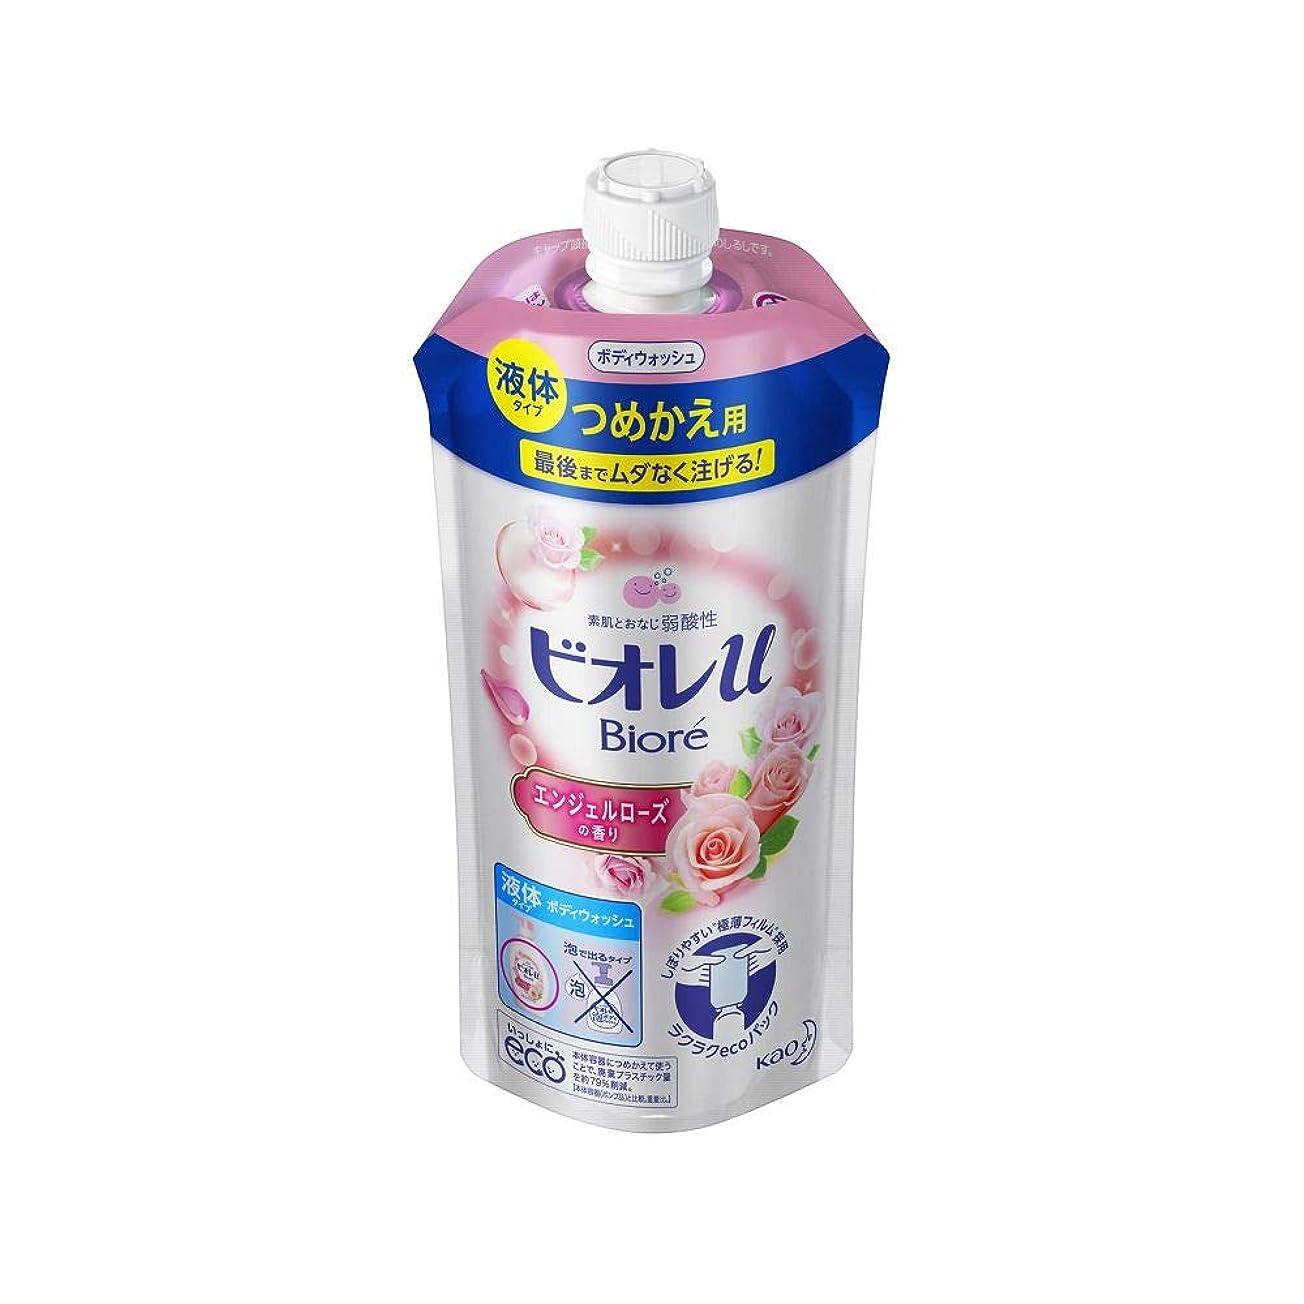 放出実業家愛情深い花王 ビオレu エンジェルローズの香りつめかえ用 340ML